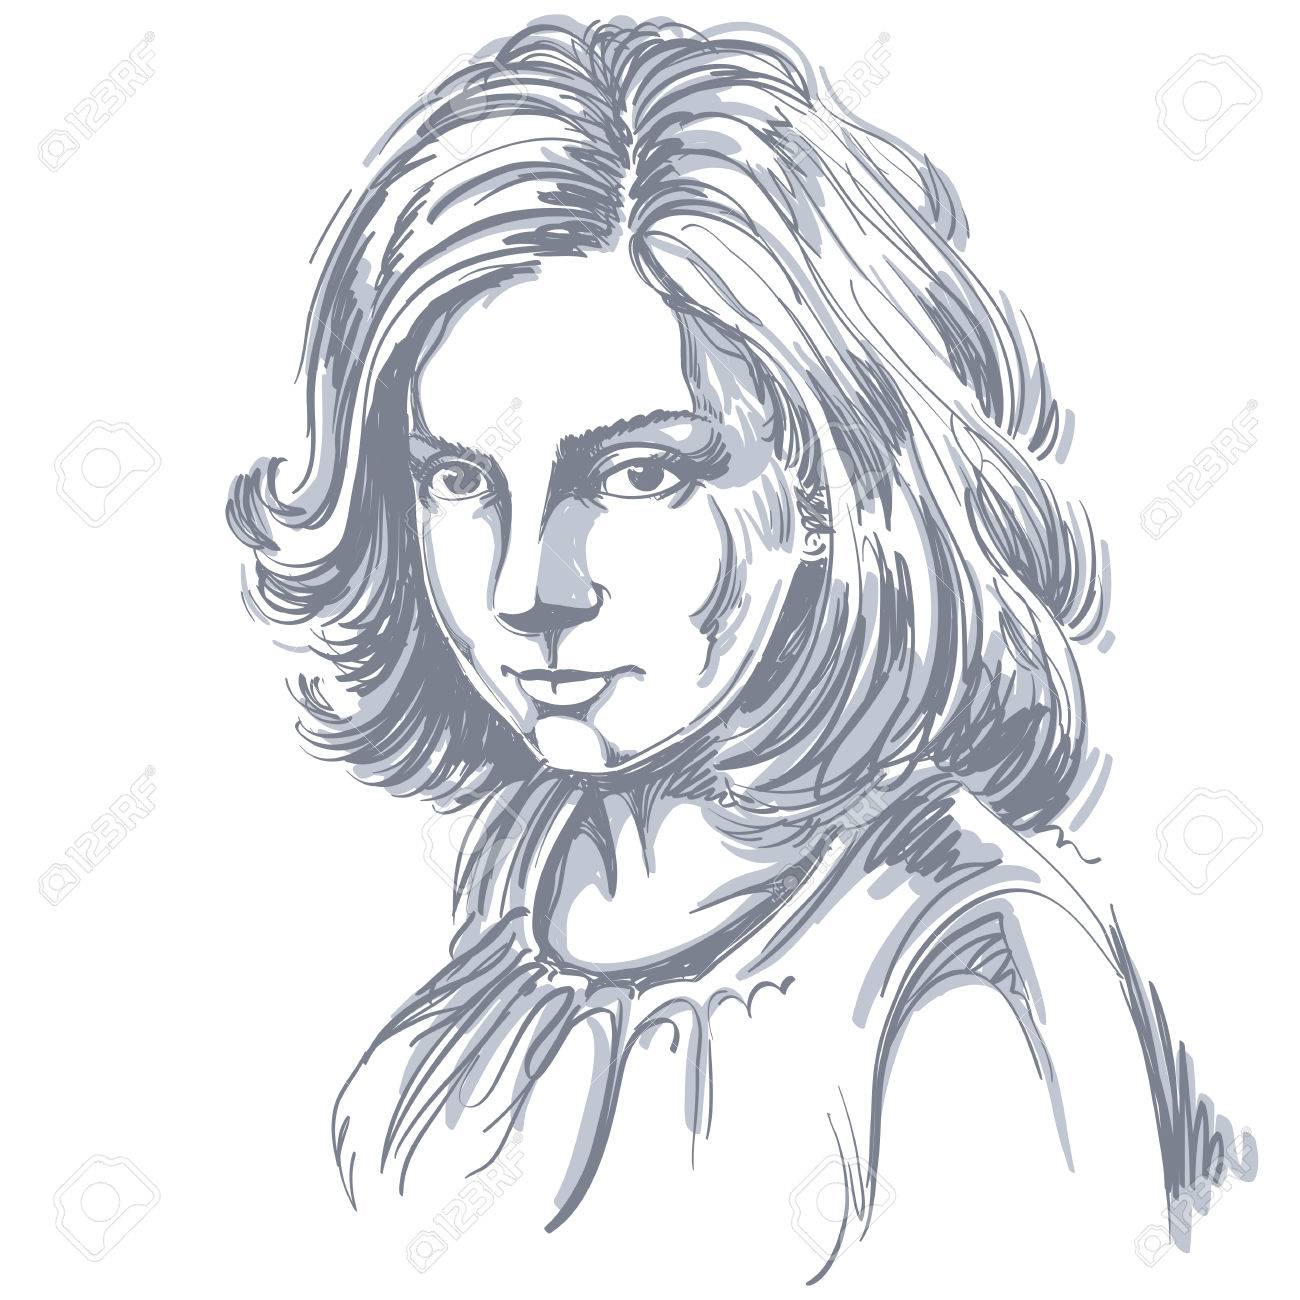 Vector Art Dessin Portrait De Fille Magnifique Romantique Isolé Sur Blanc Les Expressions Du Visage Les Gens émotions Romantiques Positifs